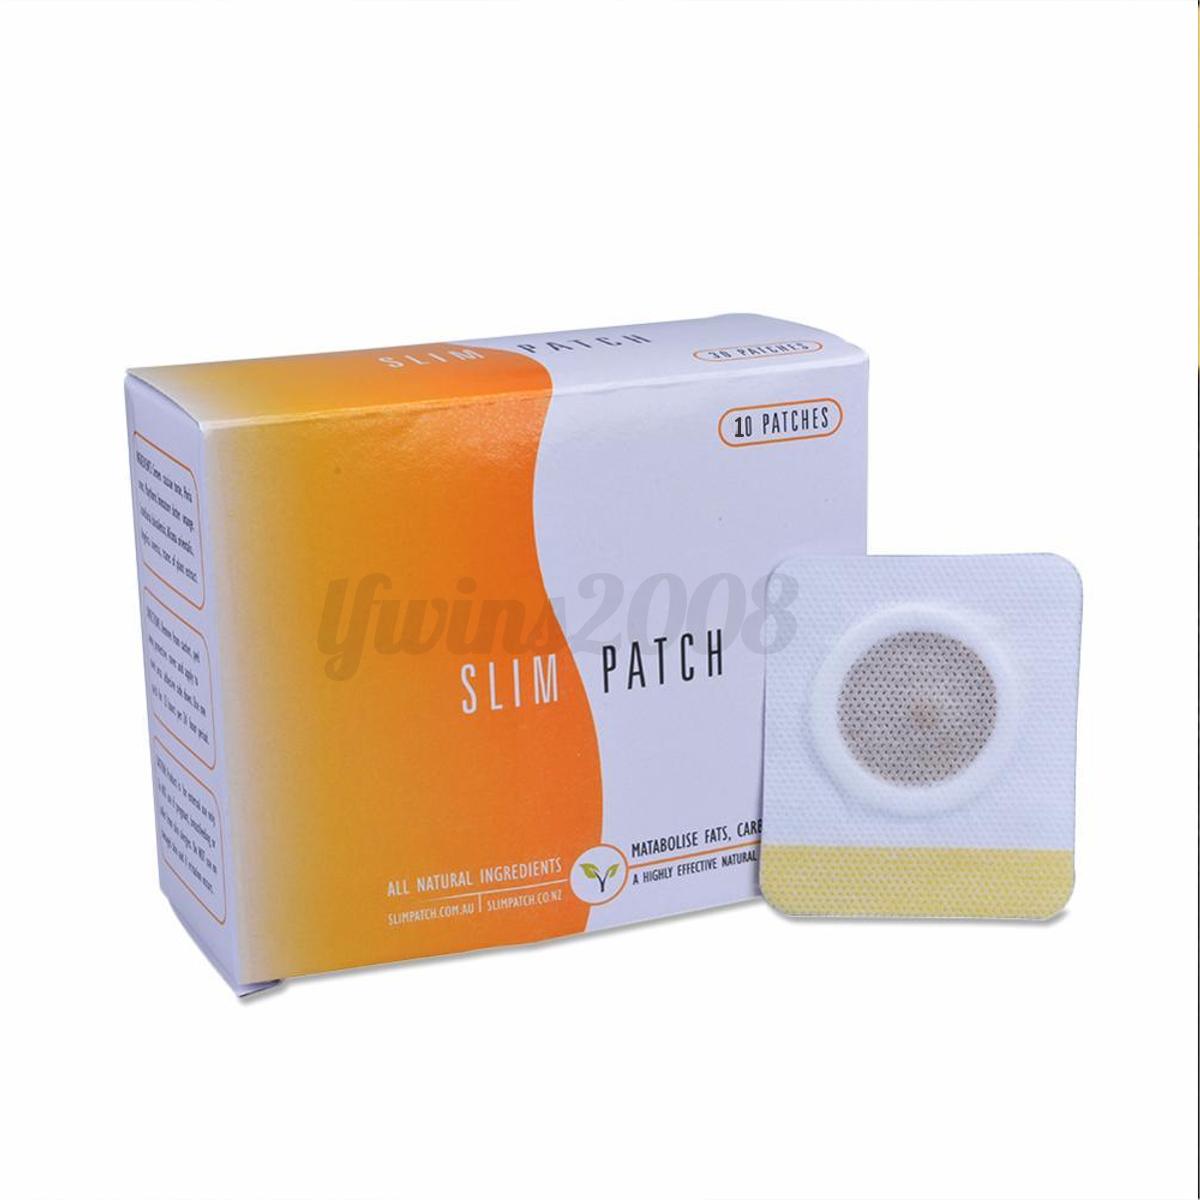 10-100pcs-Patch-Minceur-Magnetique-Anti-cellulite-Perte-de-Poids-Brulant-Graisse miniature 15